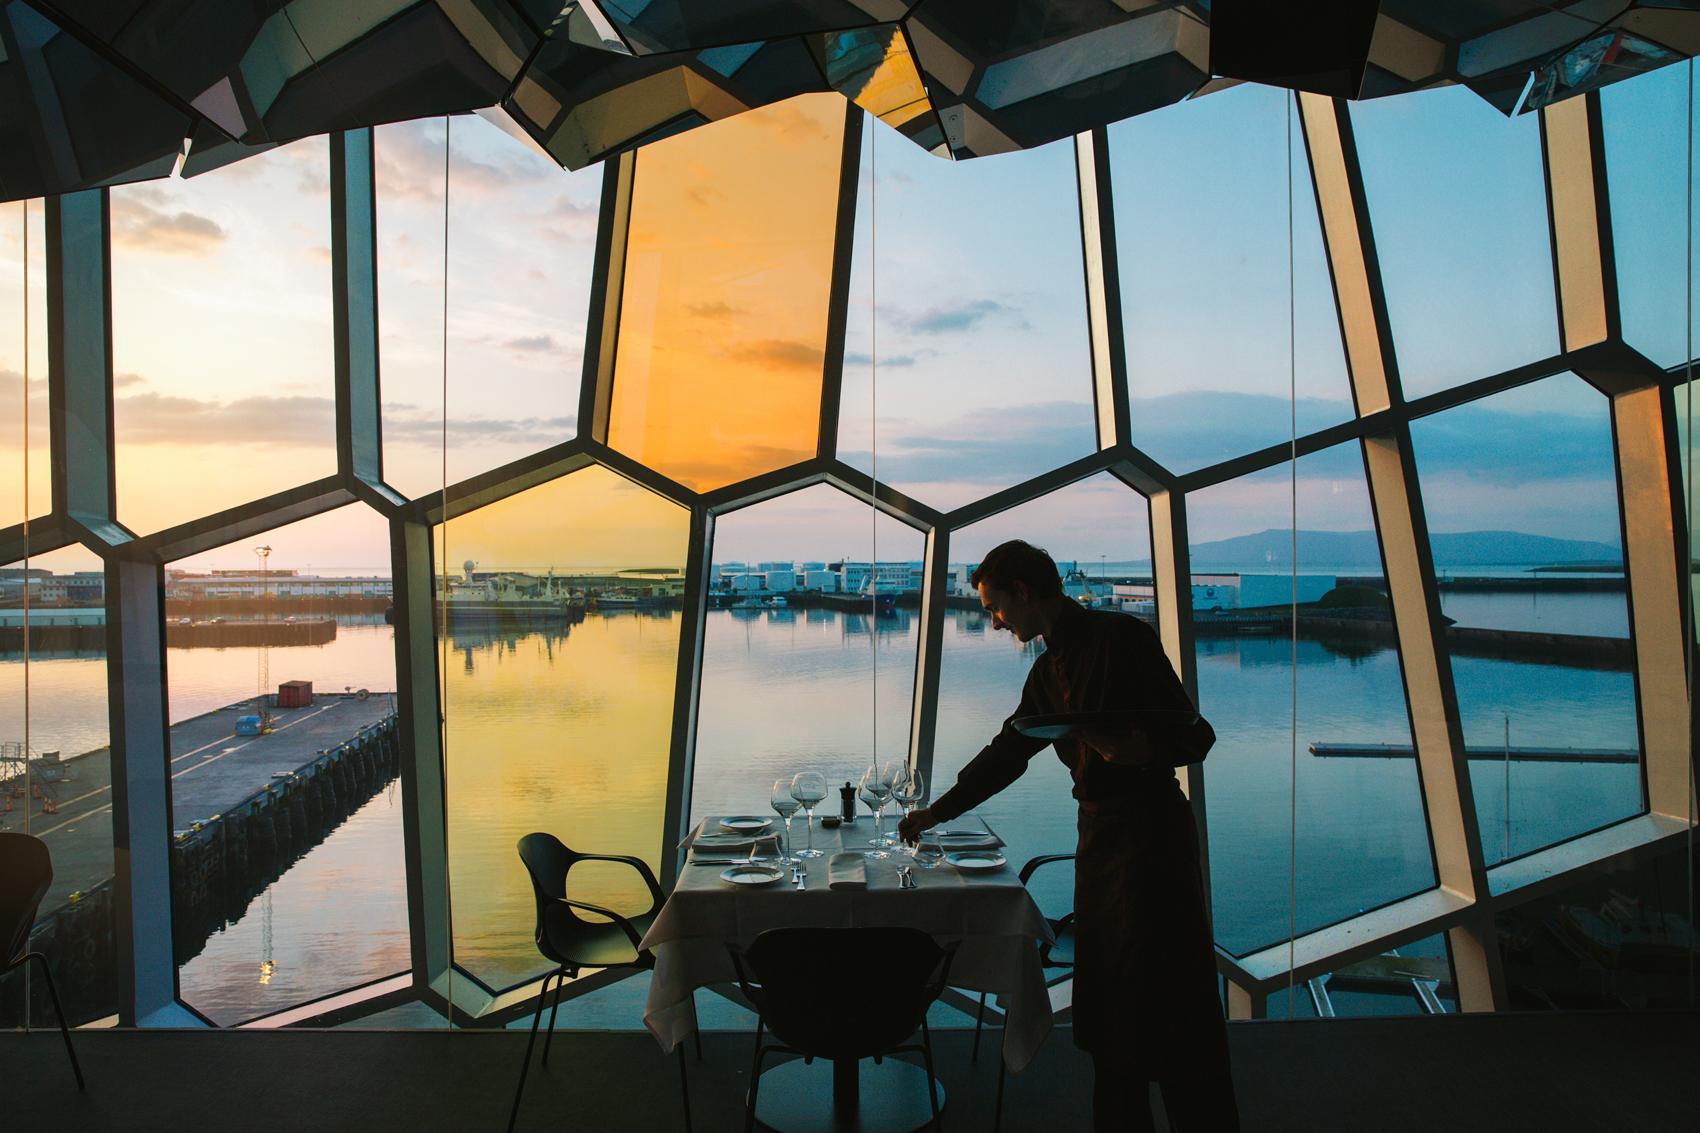 Kolabrautinn musiikkitalo Harpan yläkerrassa on fiini ravintola, josta on upeat näkymät merelle ja kaupunkiin. Jos pitää tehdä vaikutus, tämä on varteenotettava paikka. (Kuva: Kolabrautinn)